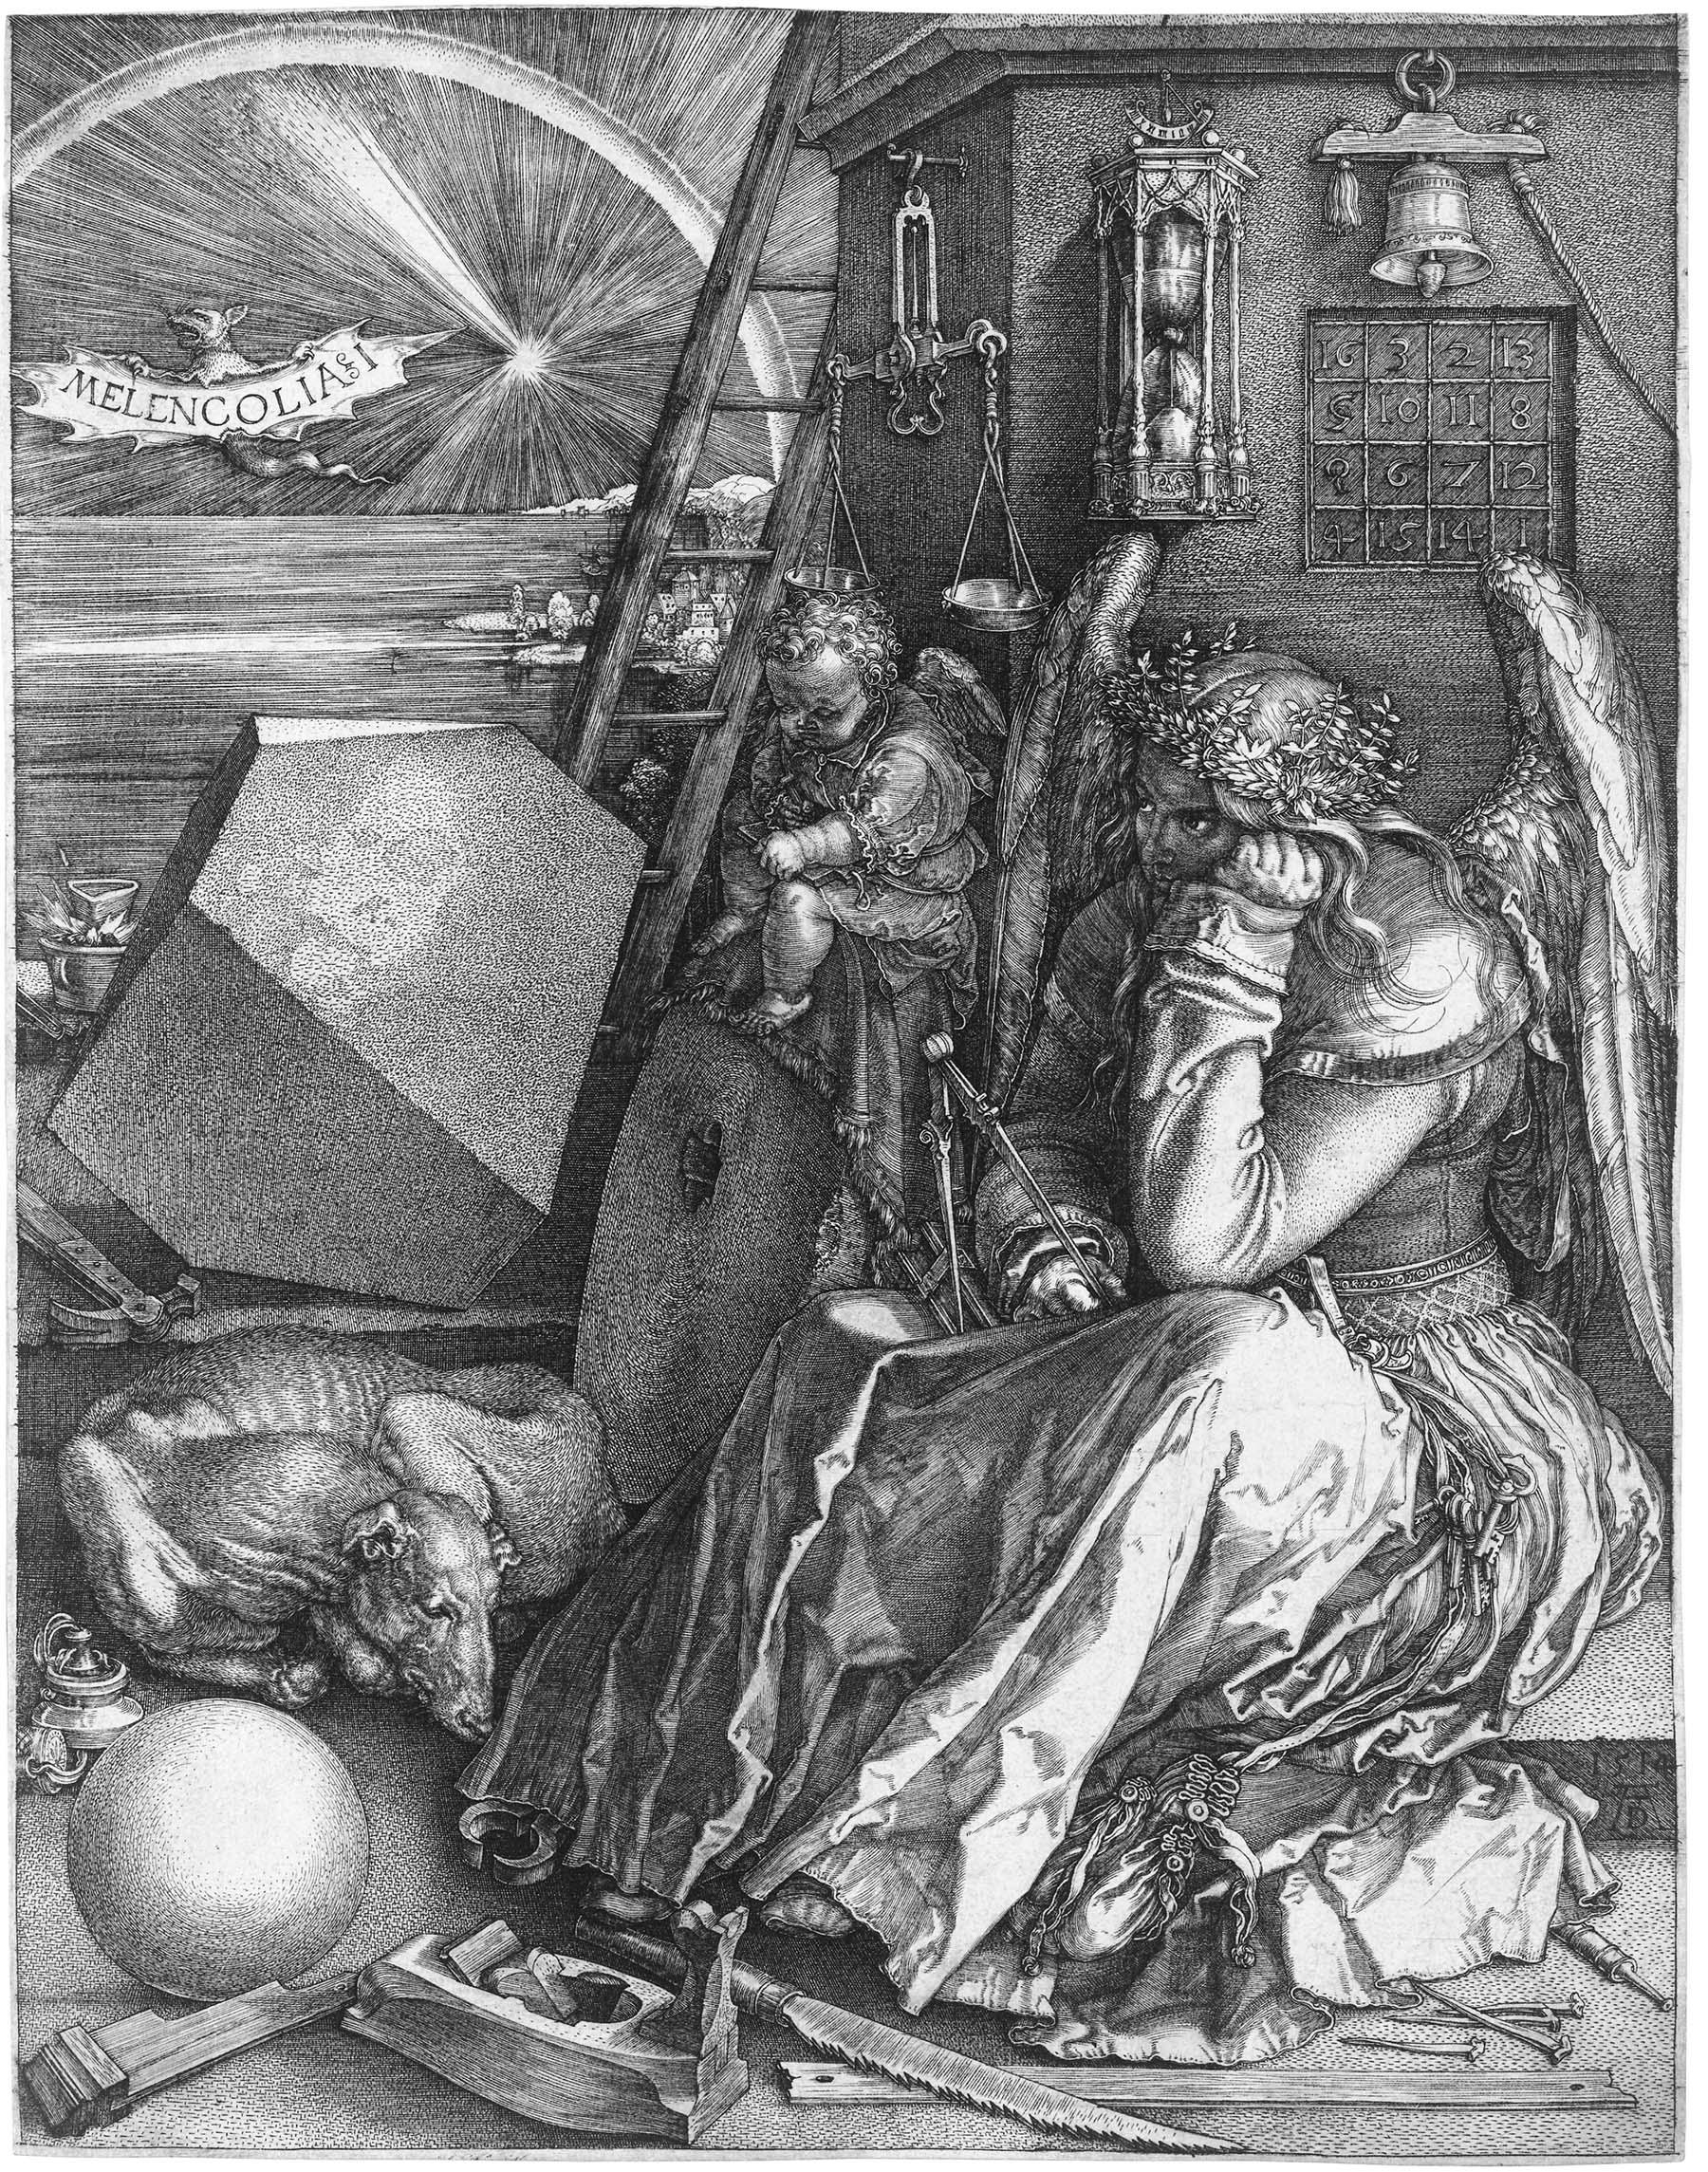 Albrecht Dürer,  Melancholia I,  c.1514, engraving, 24 cm × 18.8 cm